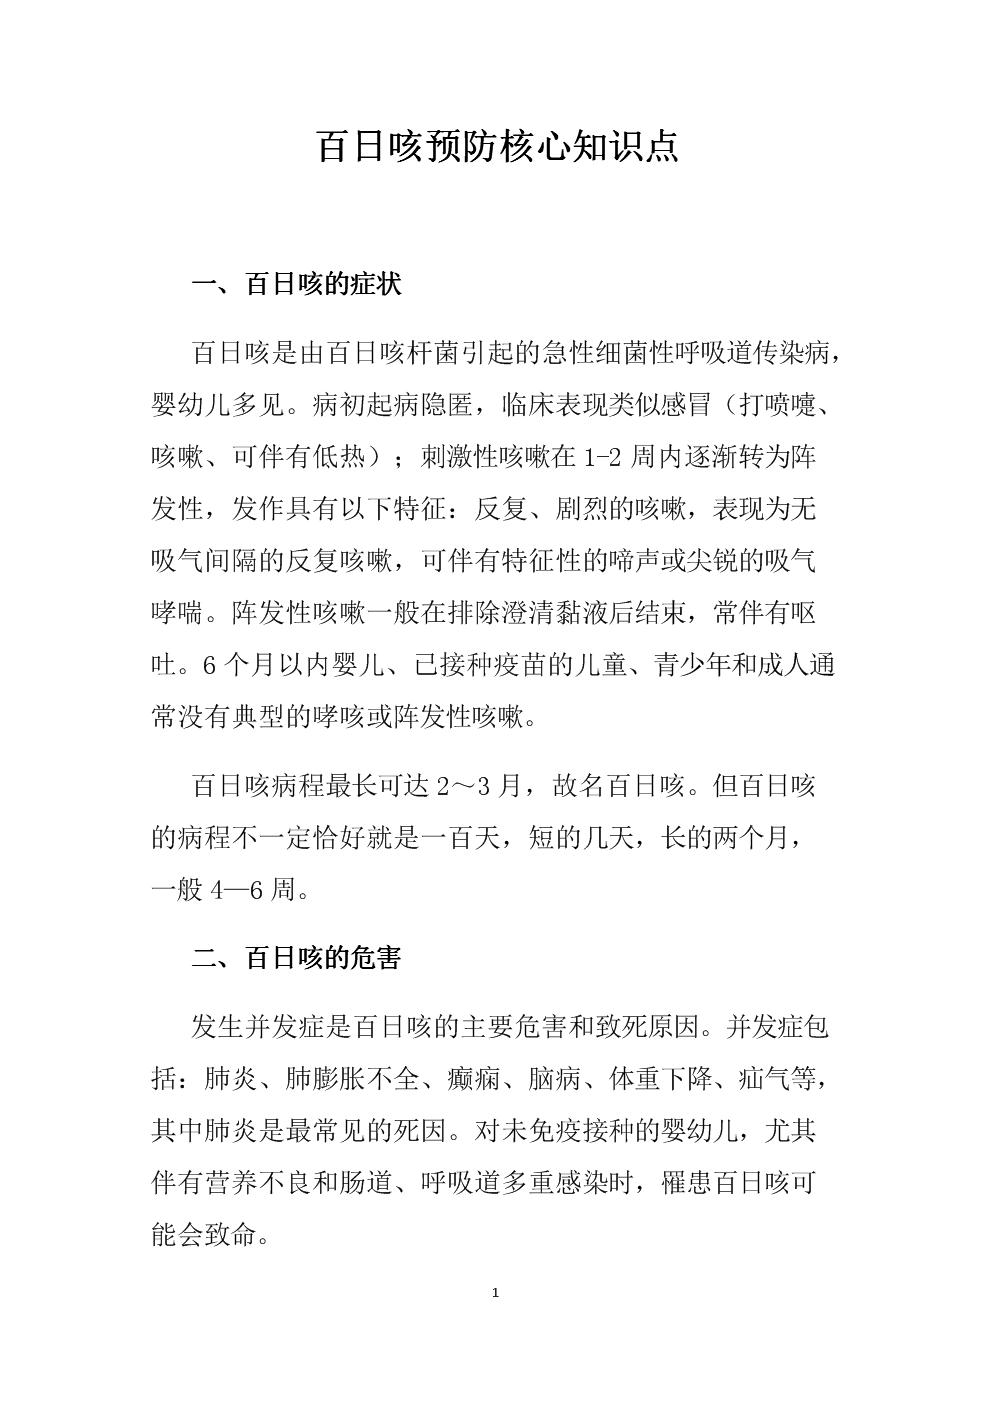 百日咳预防核心知识点.docx